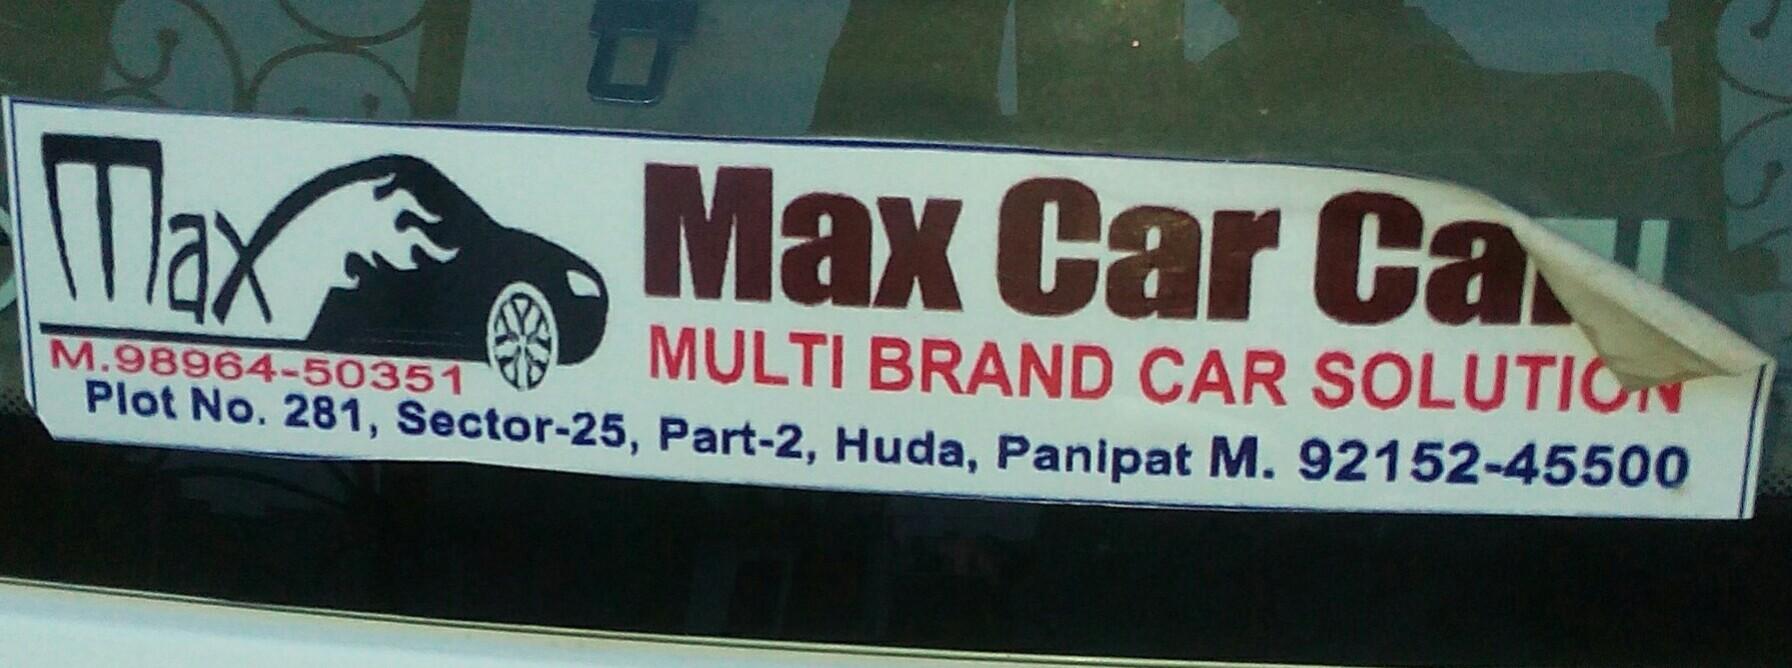 Max car care